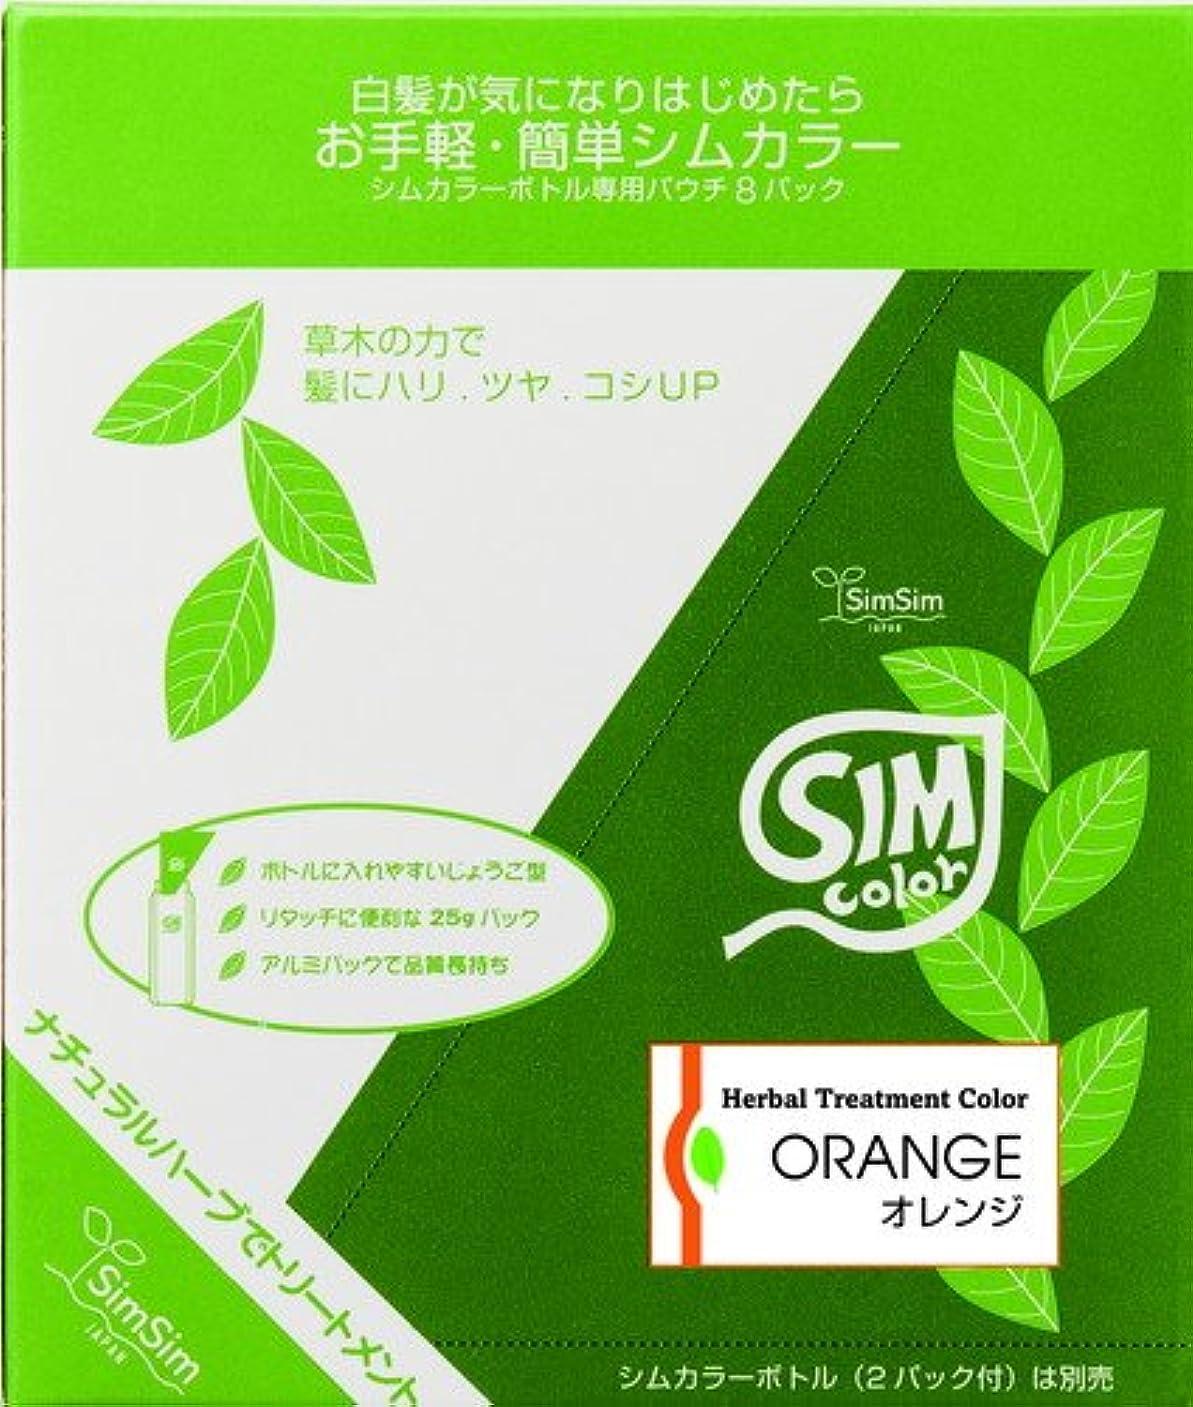 酸素なめらか提案SimSim(シムシム)お手軽簡単シムカラーエクストラ(EX)25g 8袋 オレンジ